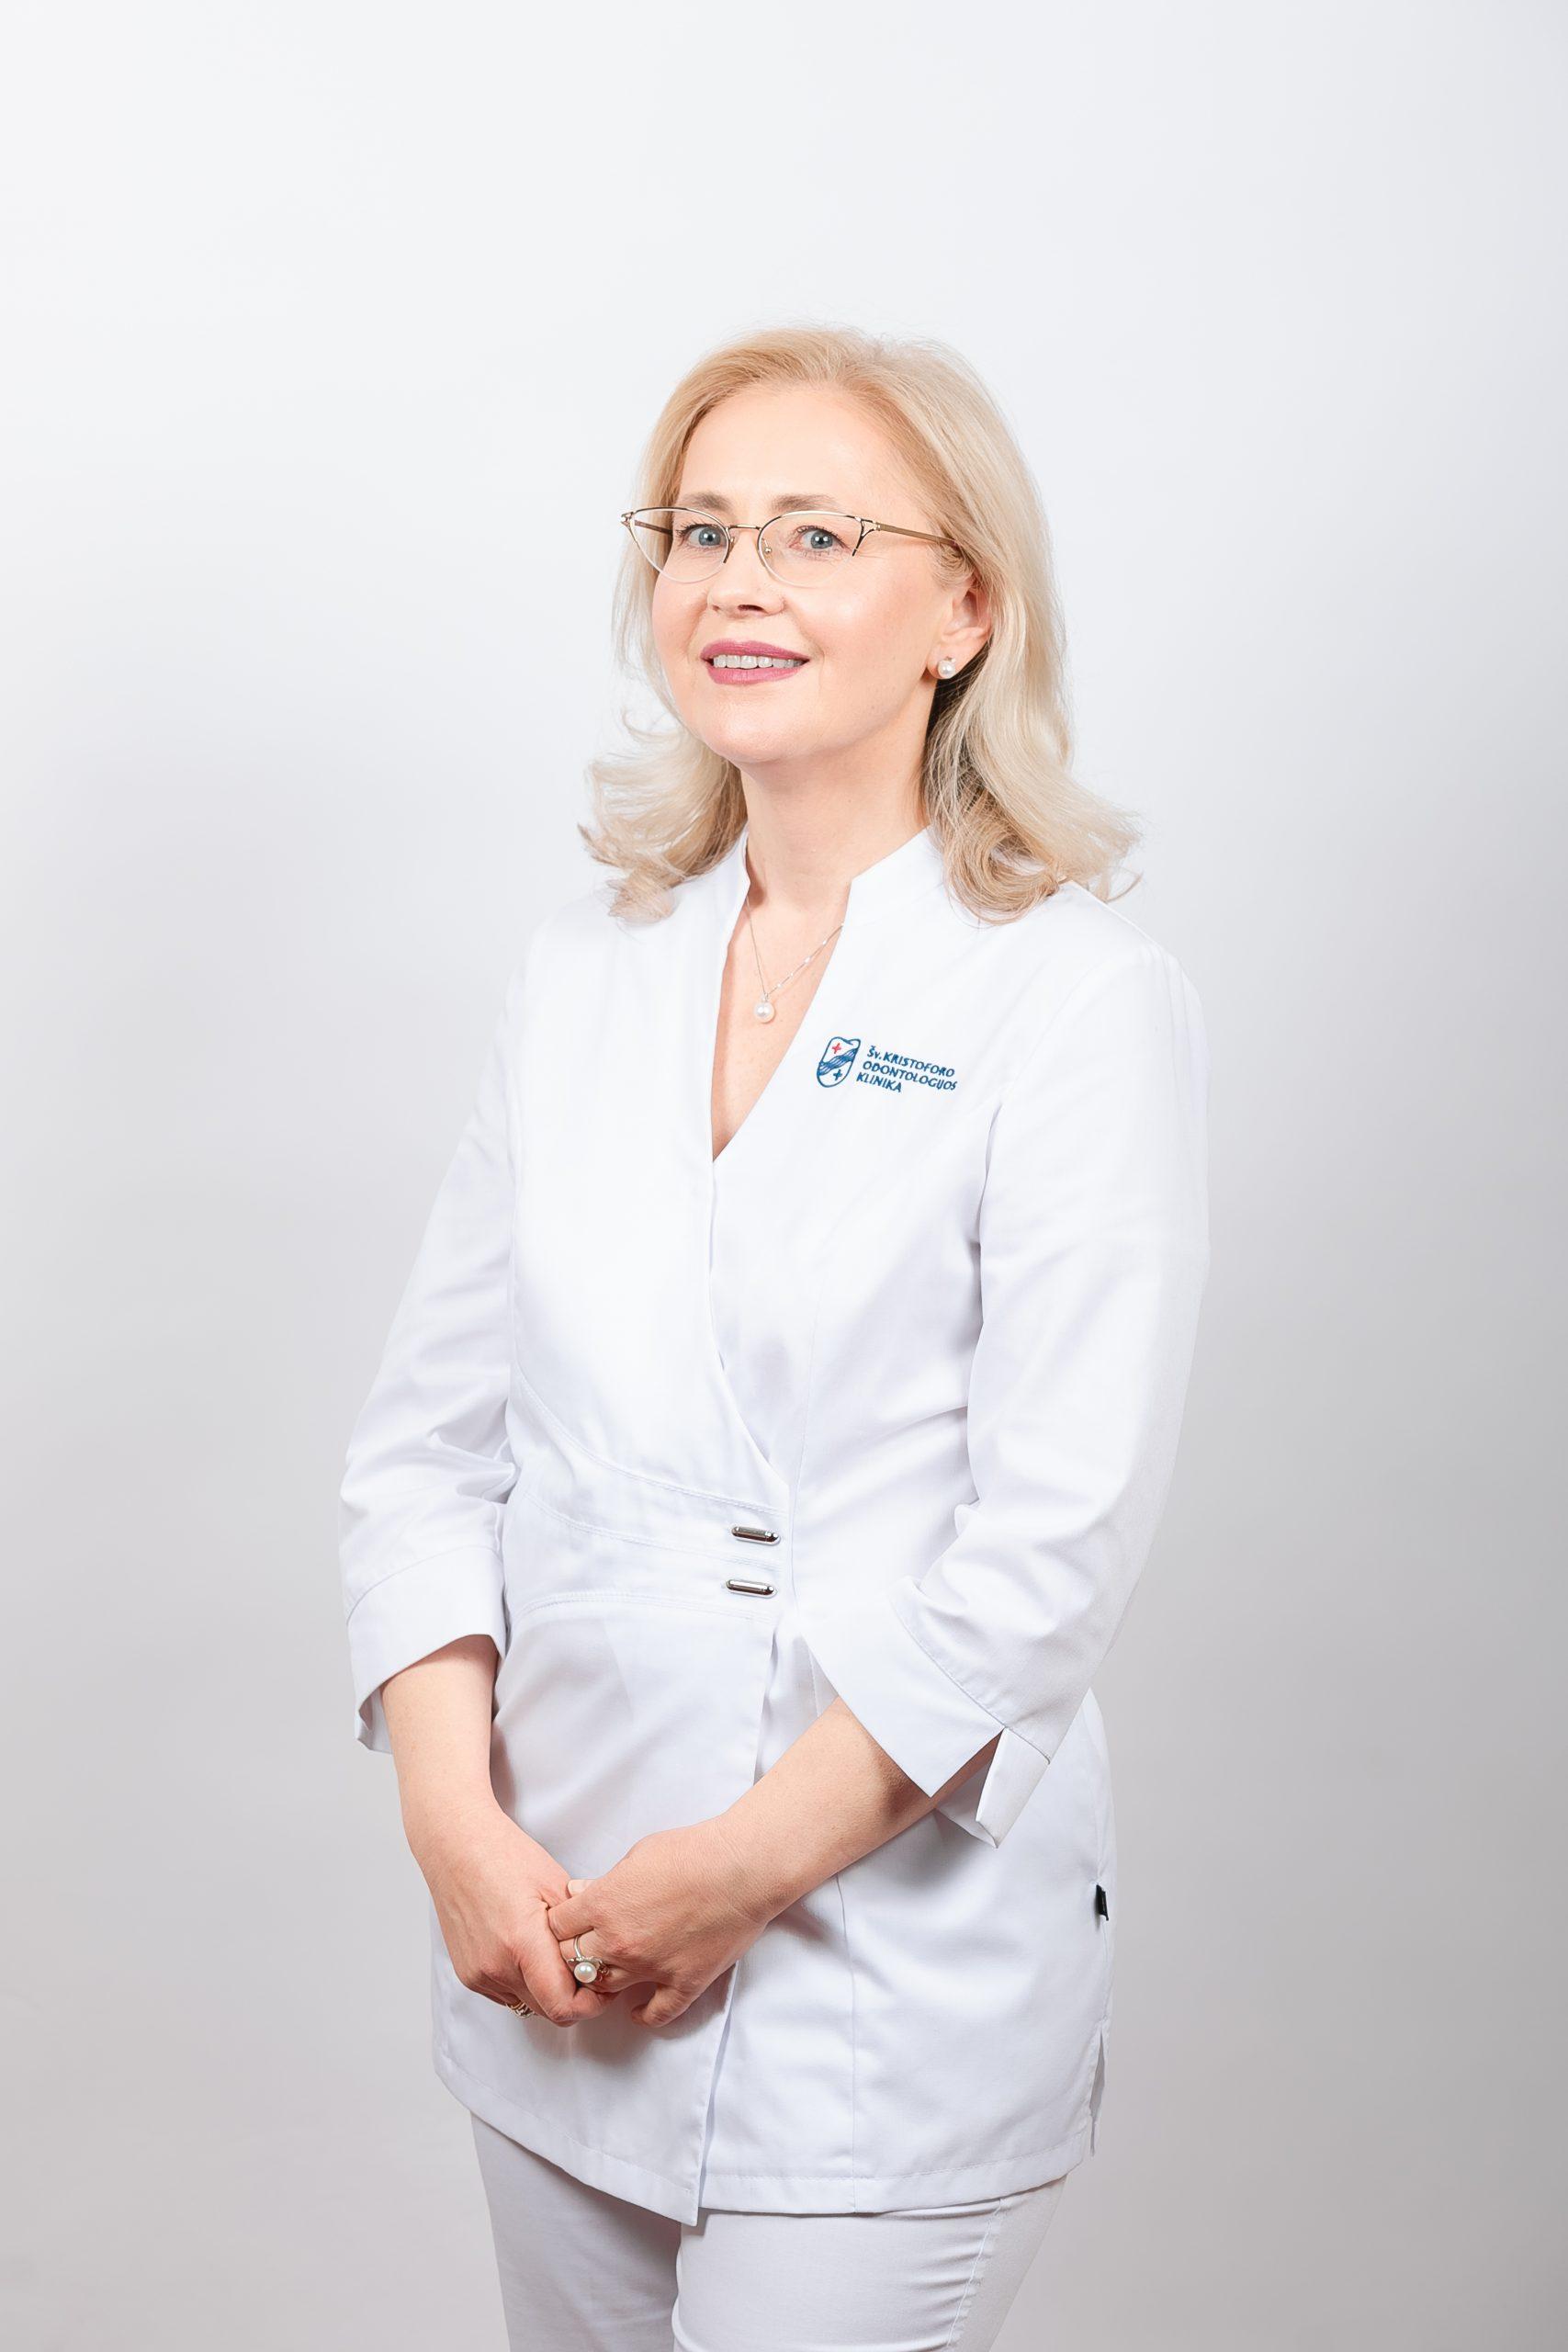 Vaikų odontologė Giedrė Gumbelevičienė